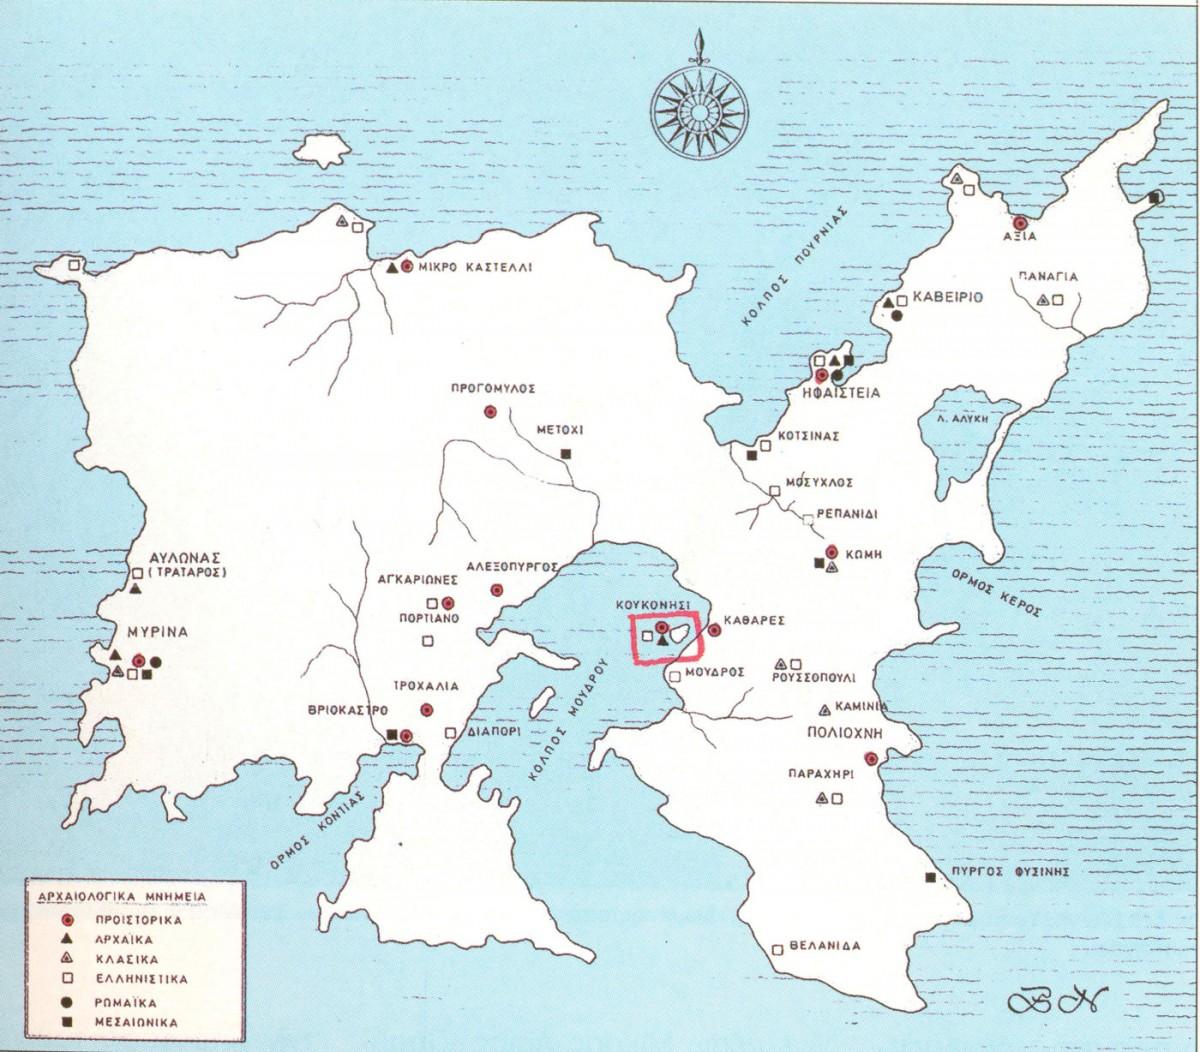 Εικ. 8. Χάρτης της Λήμνου με δήλωση των αρχαιολογικών θέσεων του νησιού. Το Κουκονήσι σε κόκκινο πλαίσιο.